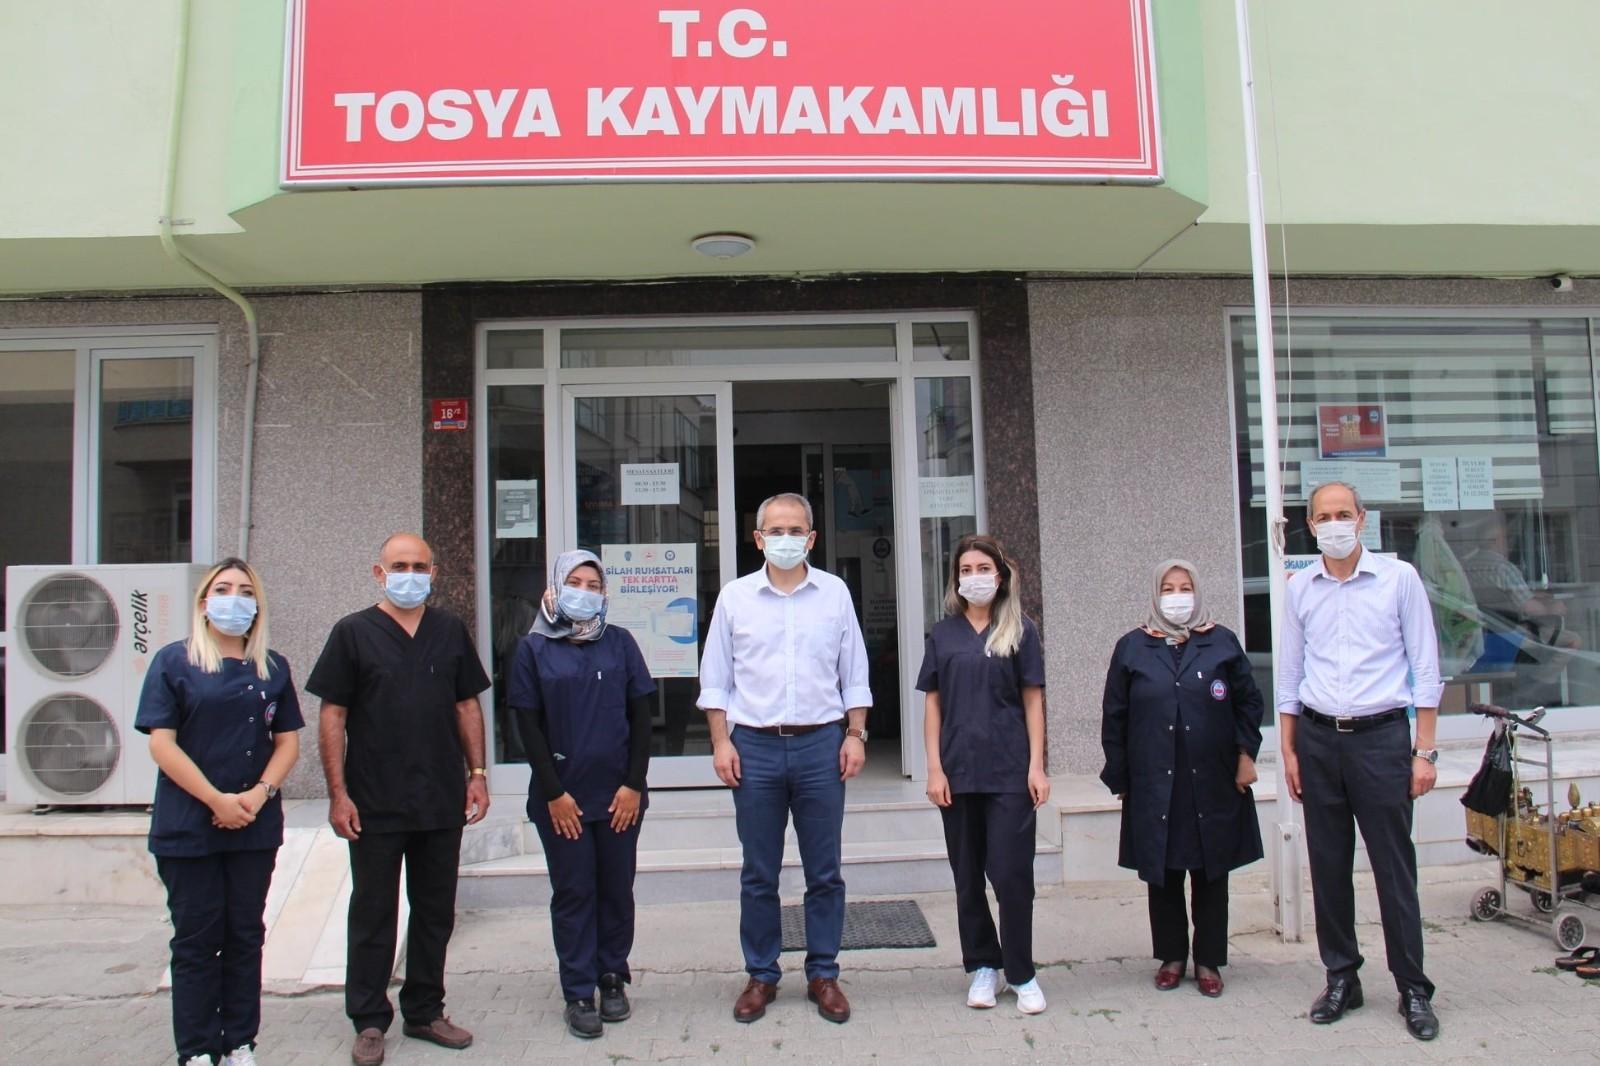 Tosya'da 'Yalnız Değilsiniz' projesi üçüncü kez uygulanacak